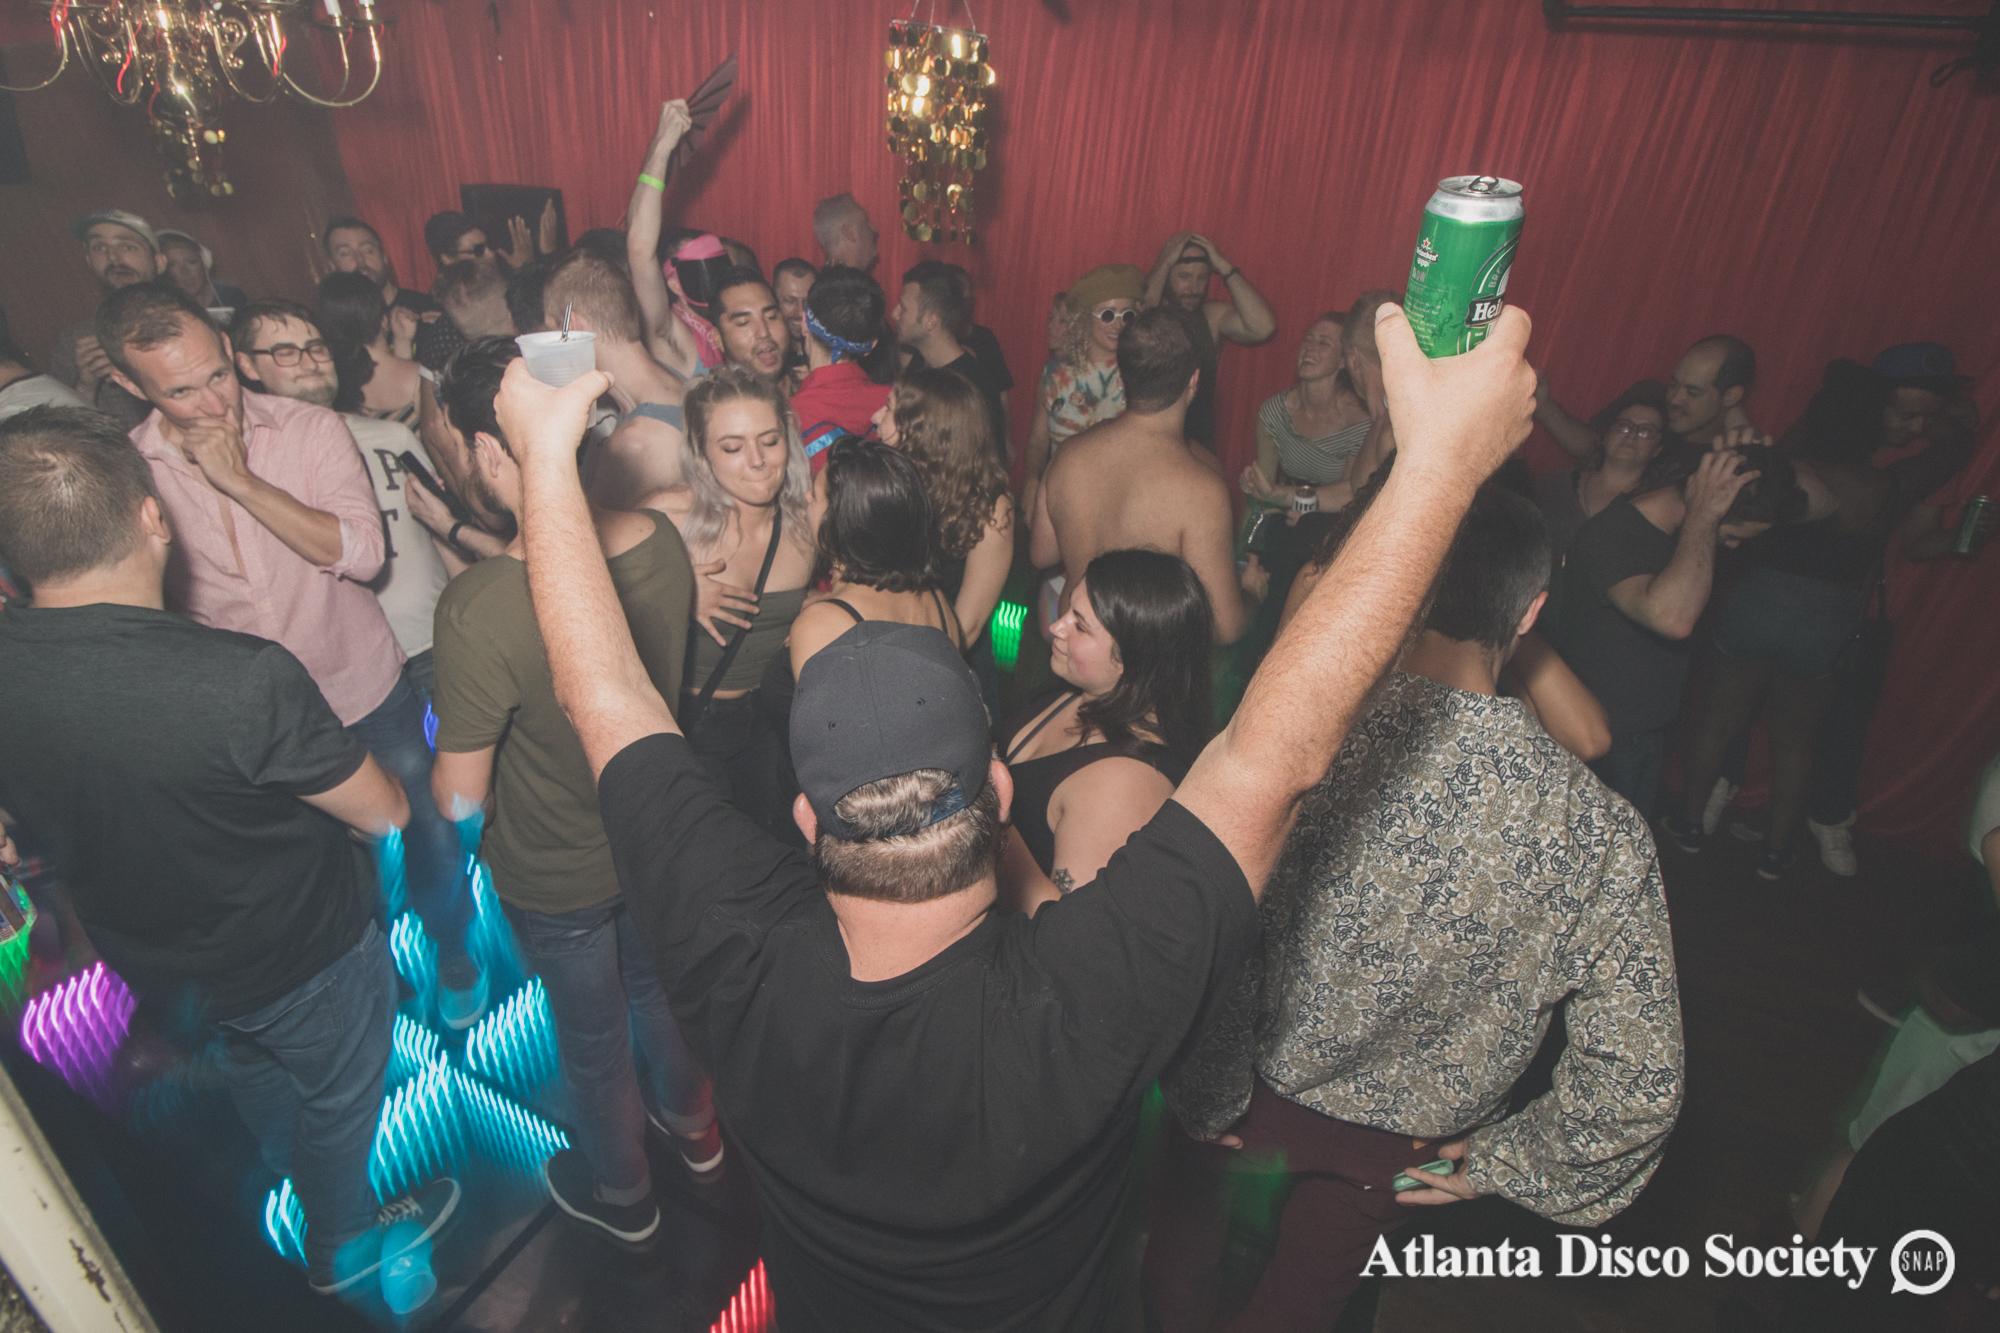 111Atlanta Disco Society Grace Kelly Oh Snap Kid 7.27.19.jpg